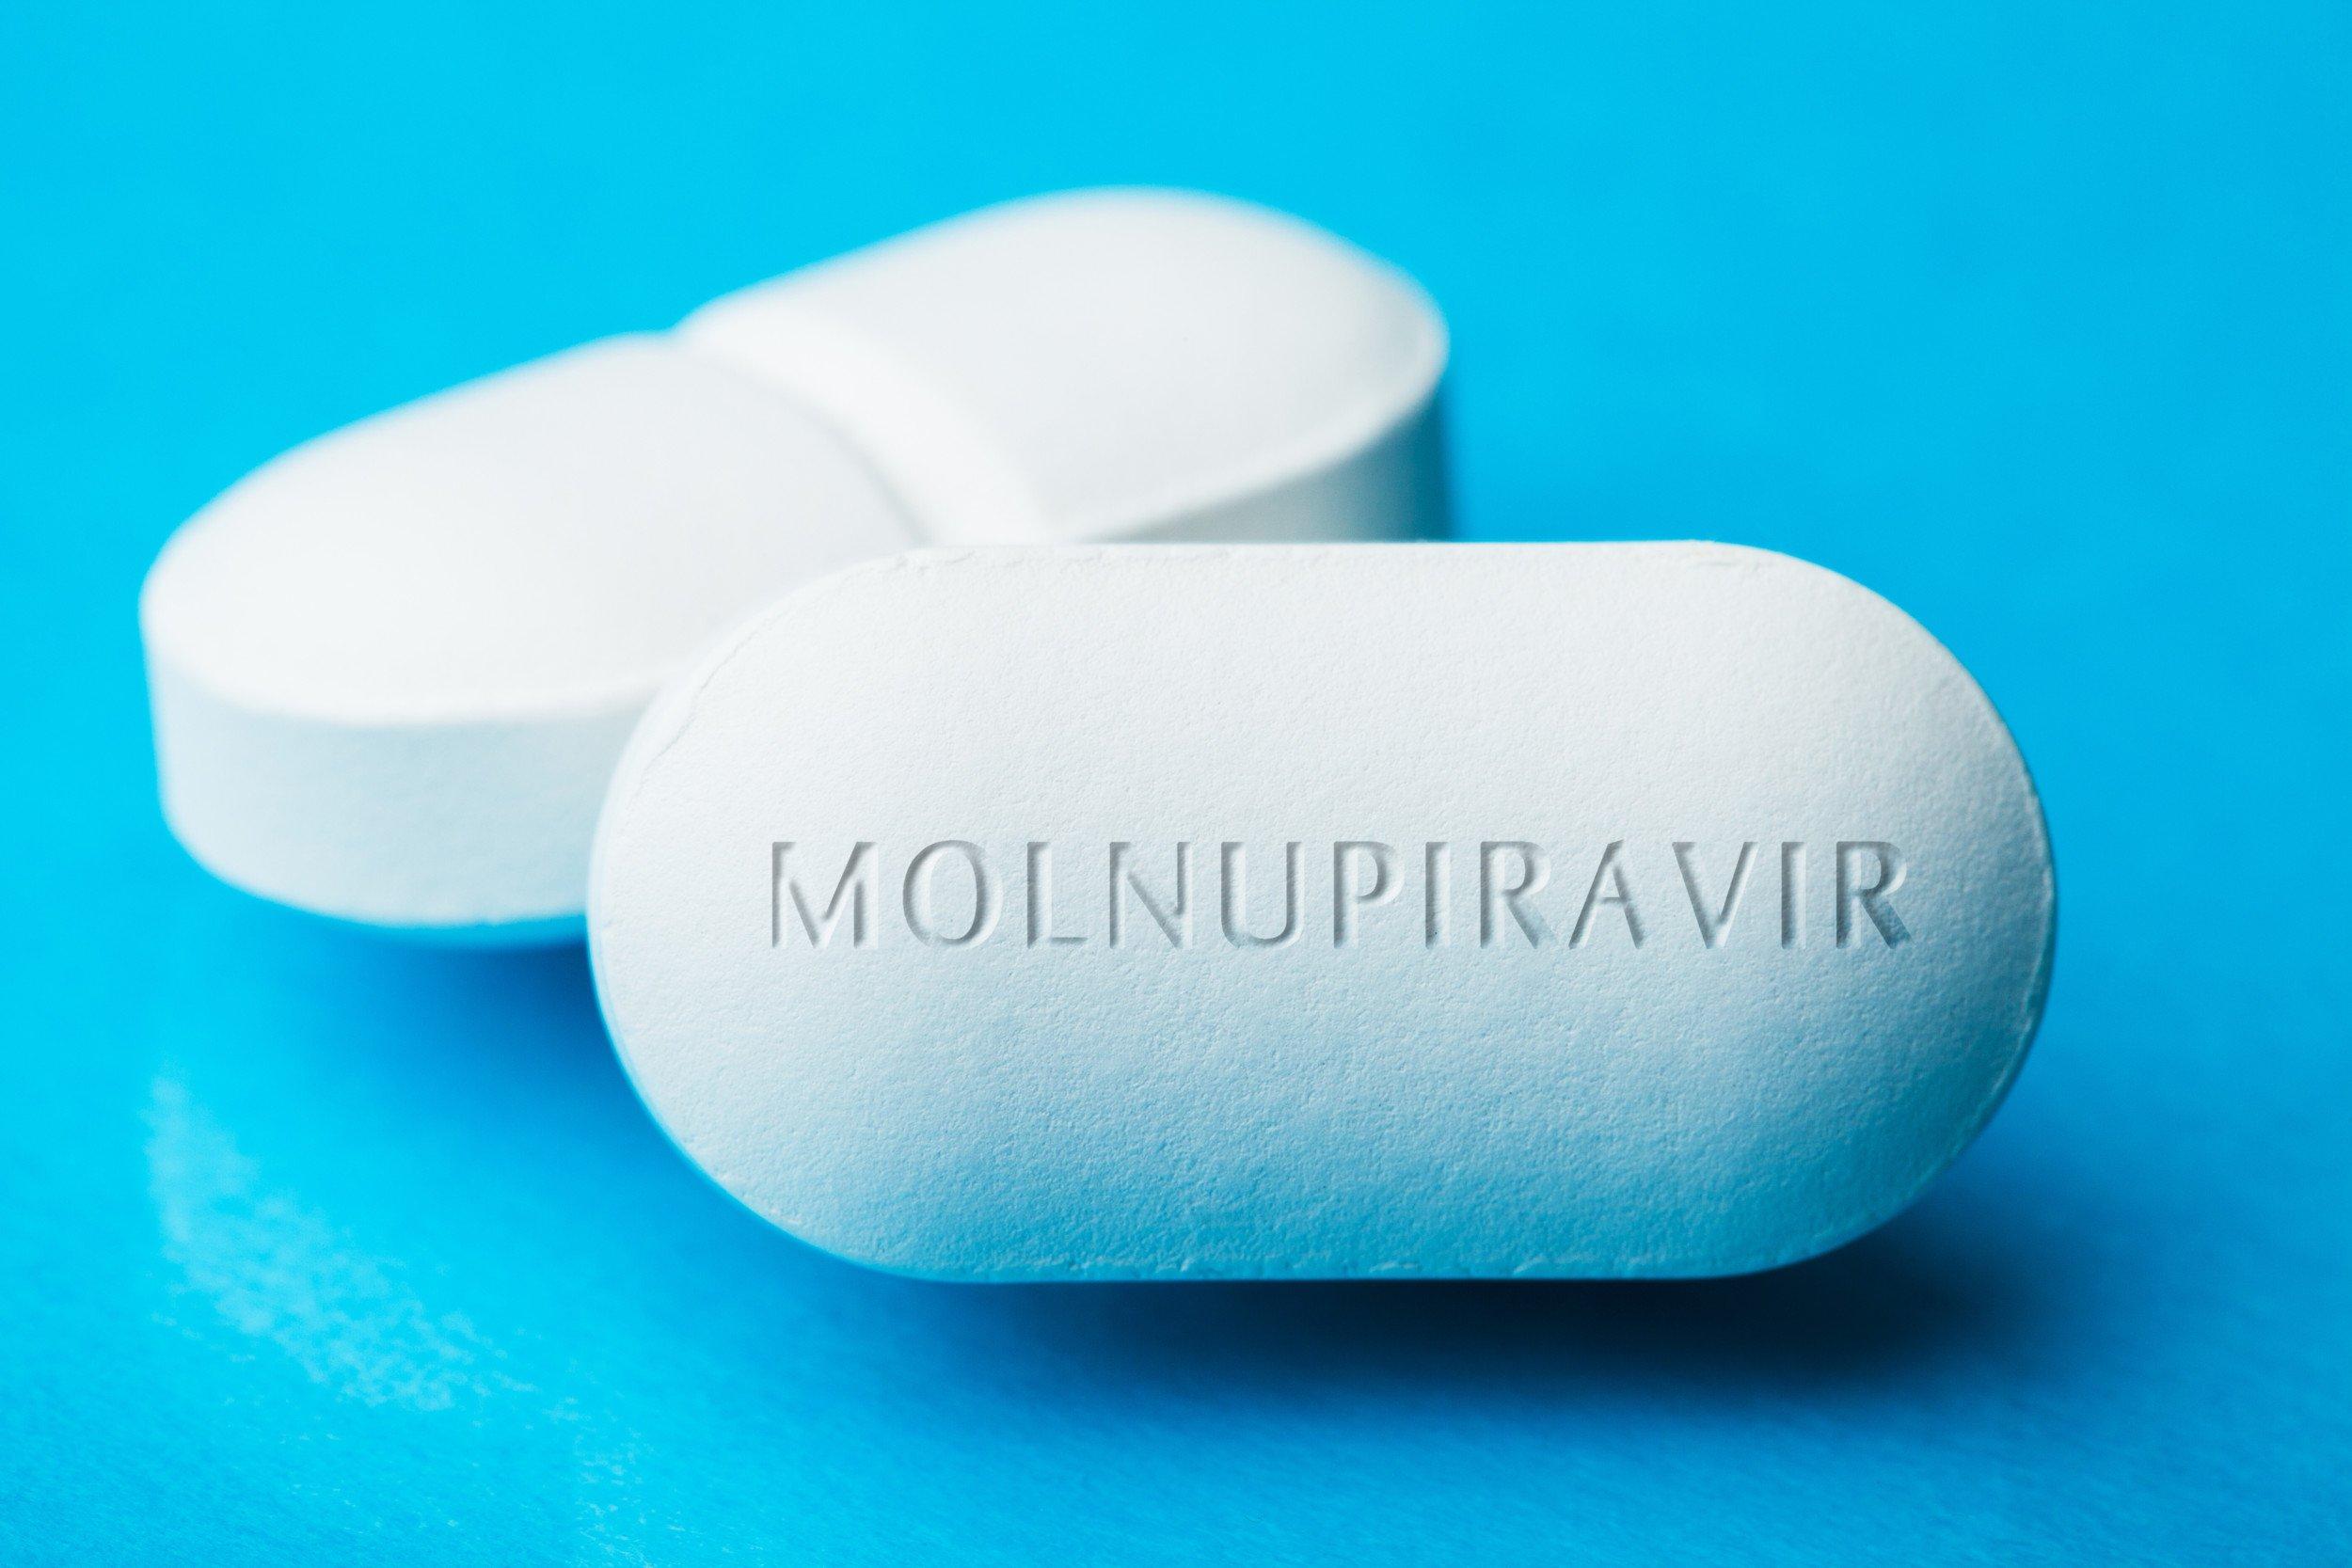 استرالیا مجوز موقت استفاده از داروی مولنوپیراویر برای درمان کرونا را صادر کرد